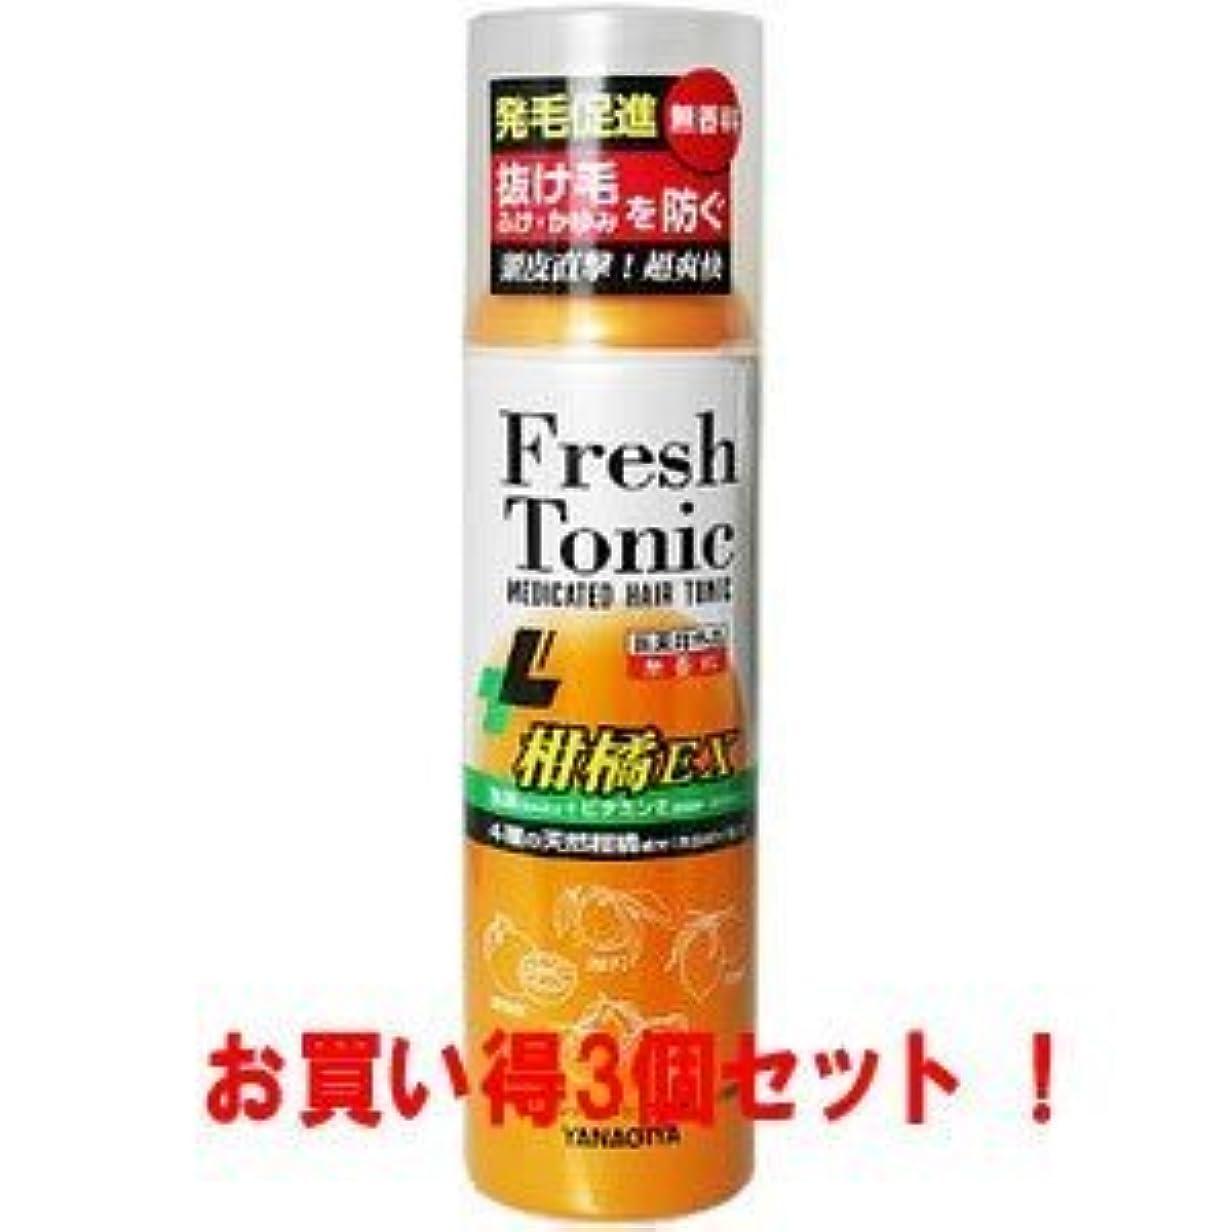 不純更新するそうでなければ【柳屋本店】薬用育毛 フレッシュトニック 柑橘EX 無香料 190g(医薬部外品)(お買い得3個セット)